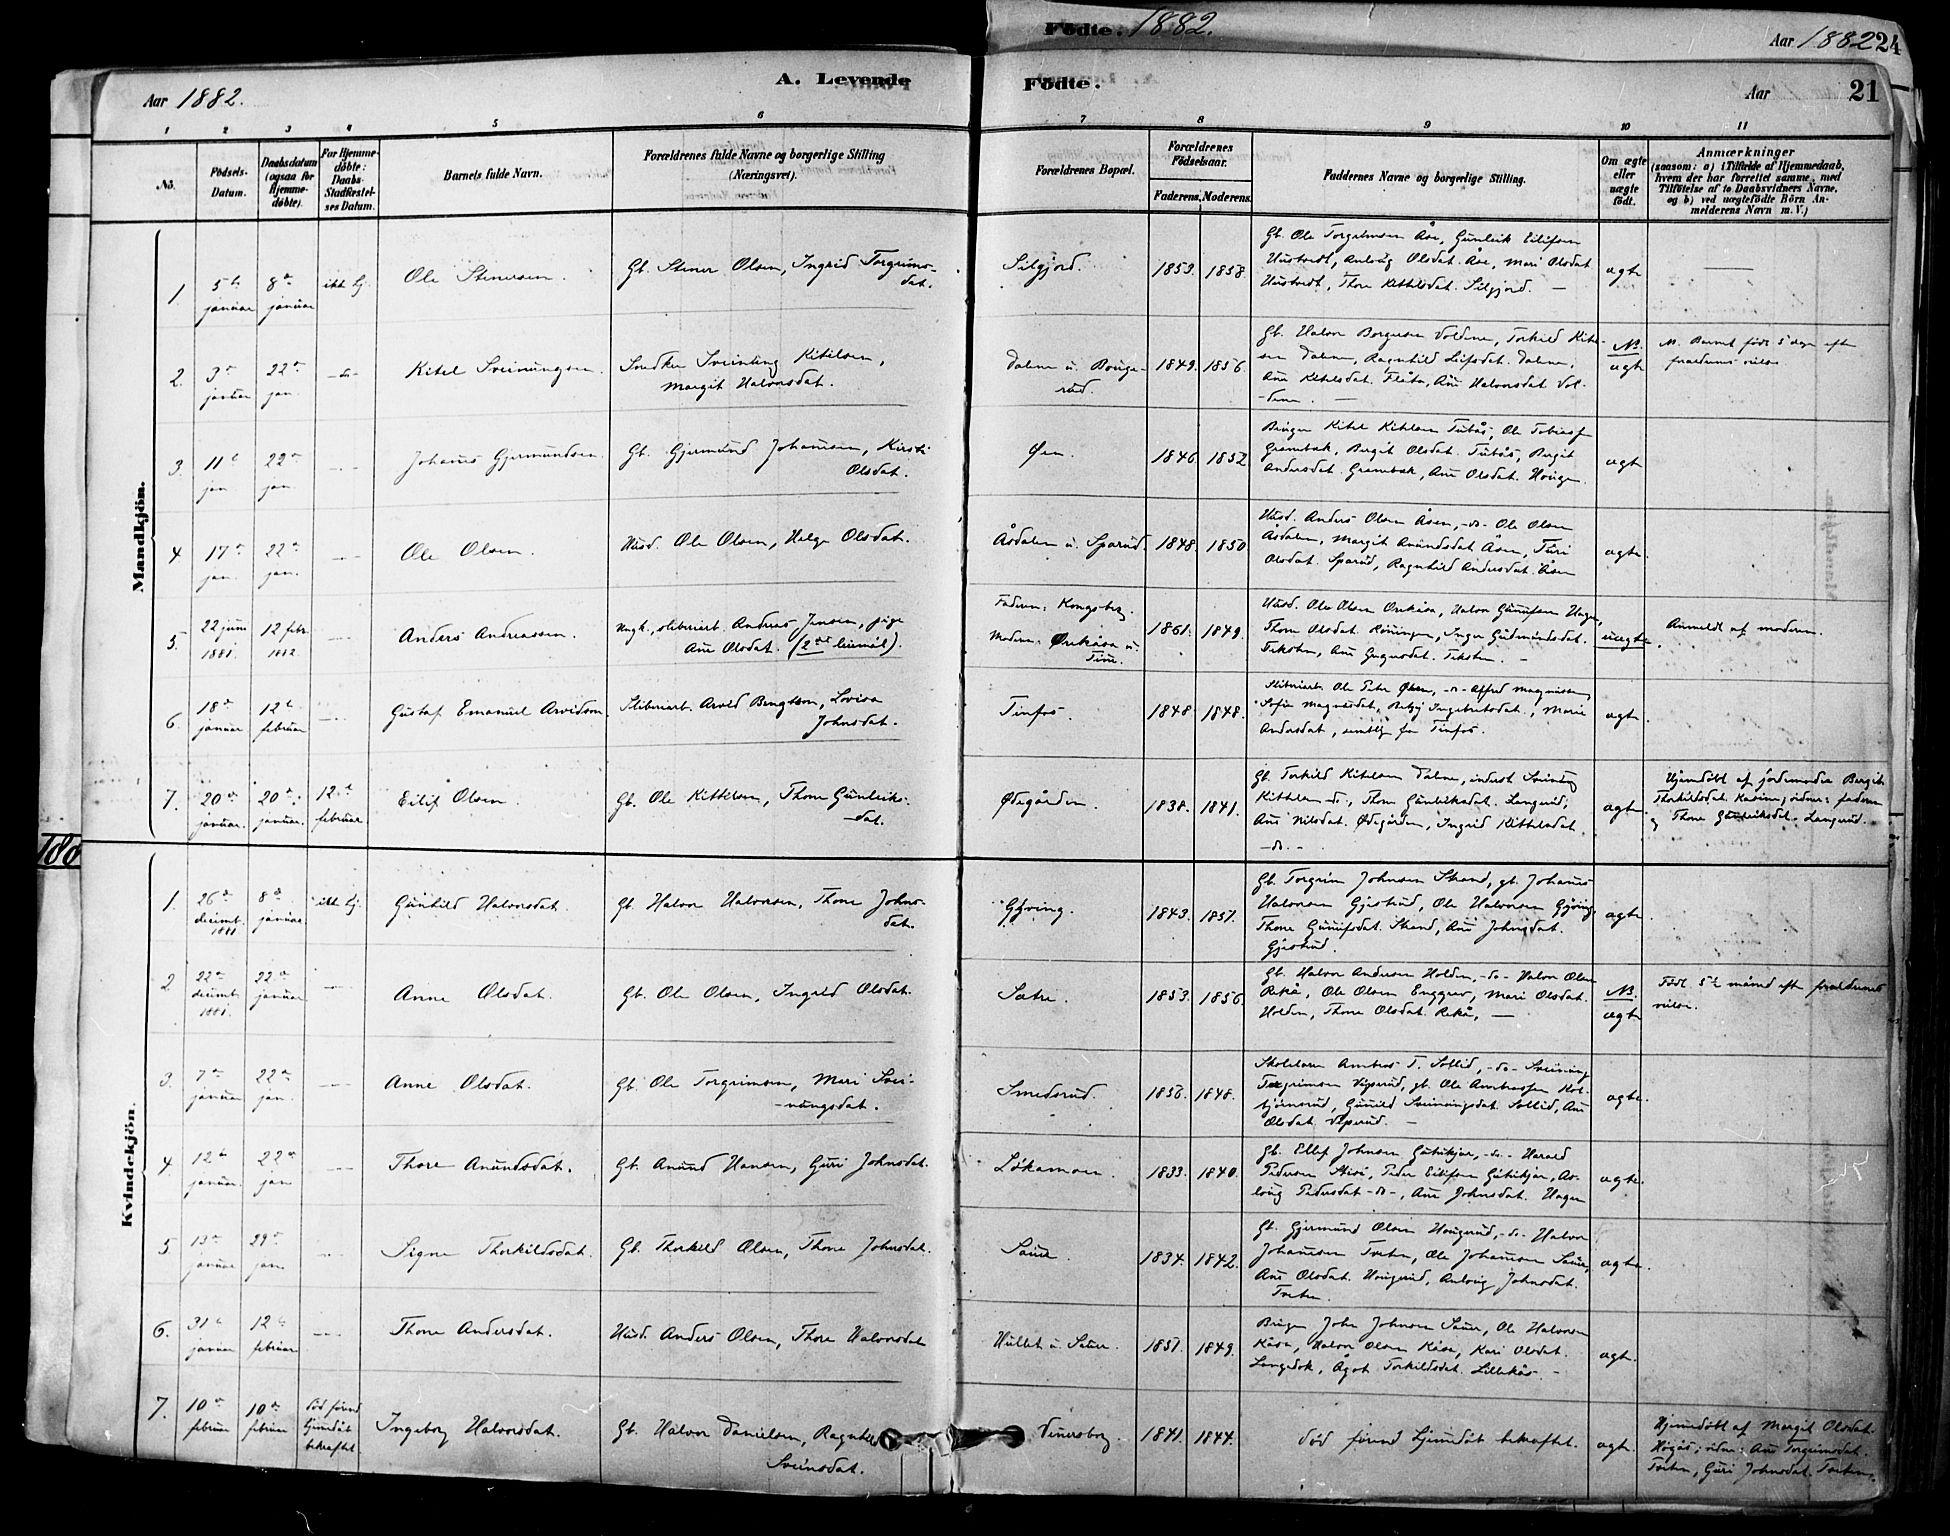 SAKO, Heddal kirkebøker, F/Fa/L0008: Ministerialbok nr. I 8, 1878-1903, s. 21